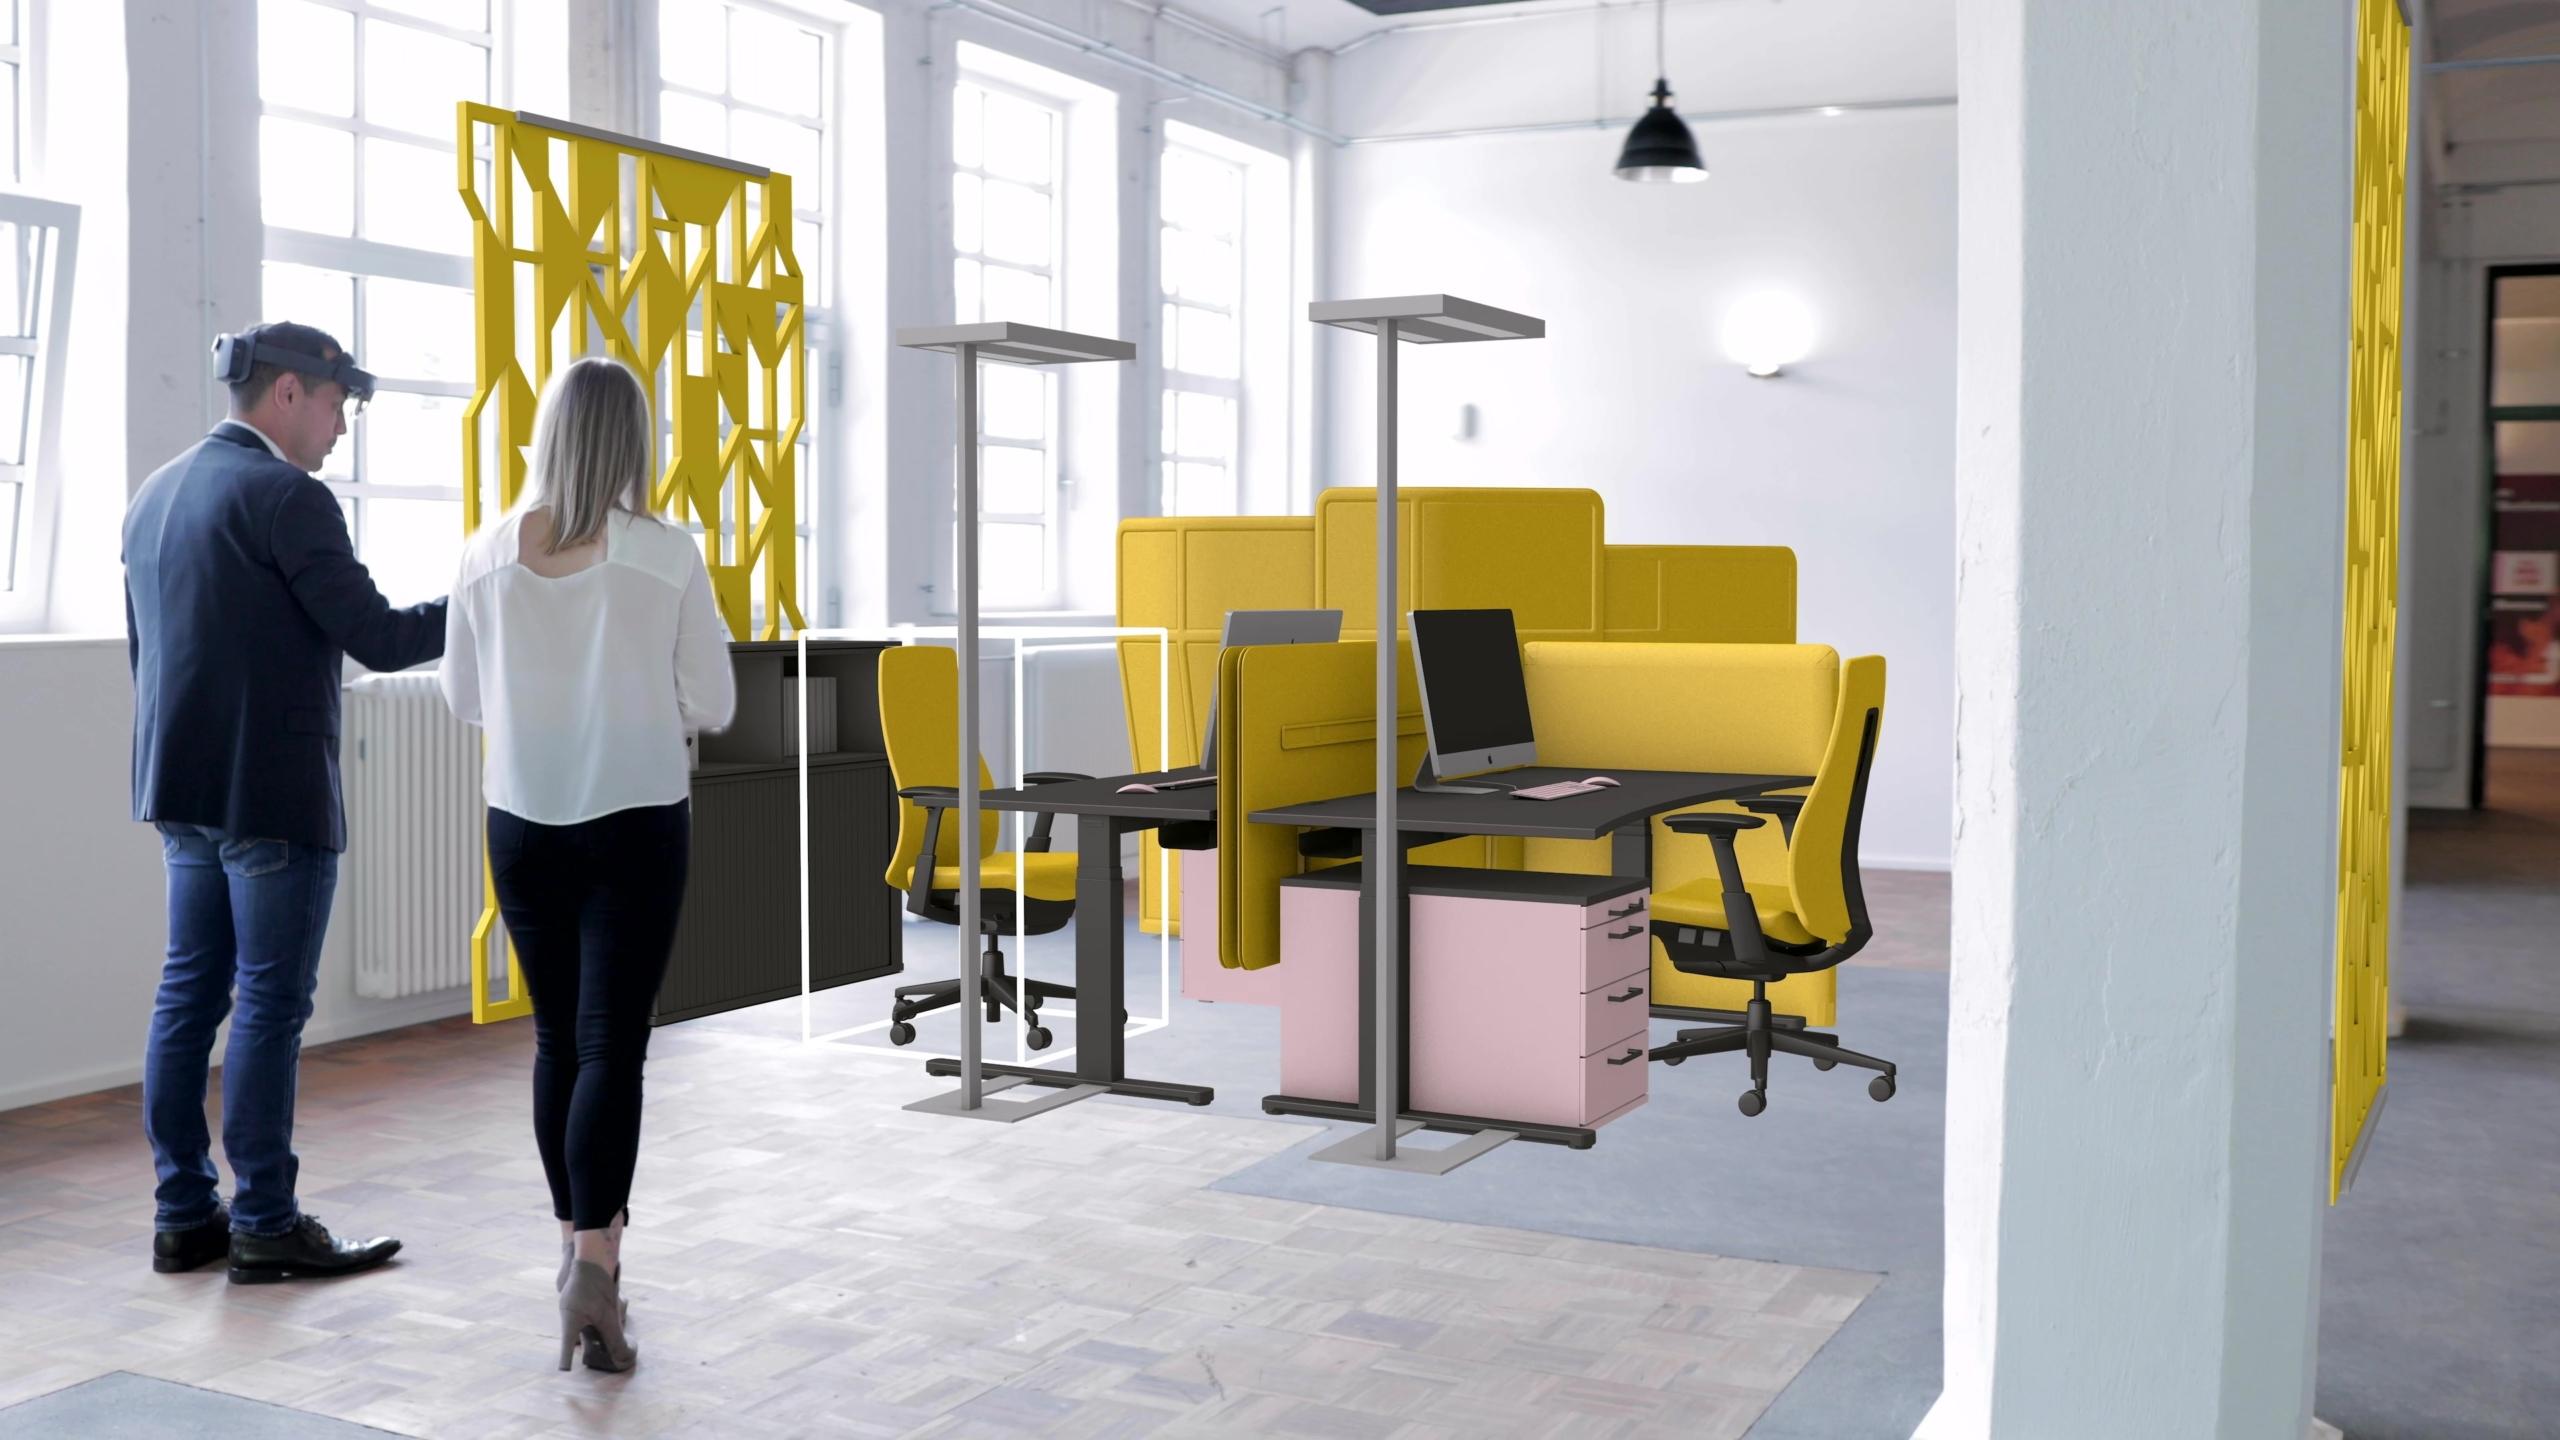 Eine Frau und ein Mann stehen in einem hellen Raum. MIthilfe von Mixed Reality ist eine Büroeinrichtung in den Raum projeziiert.